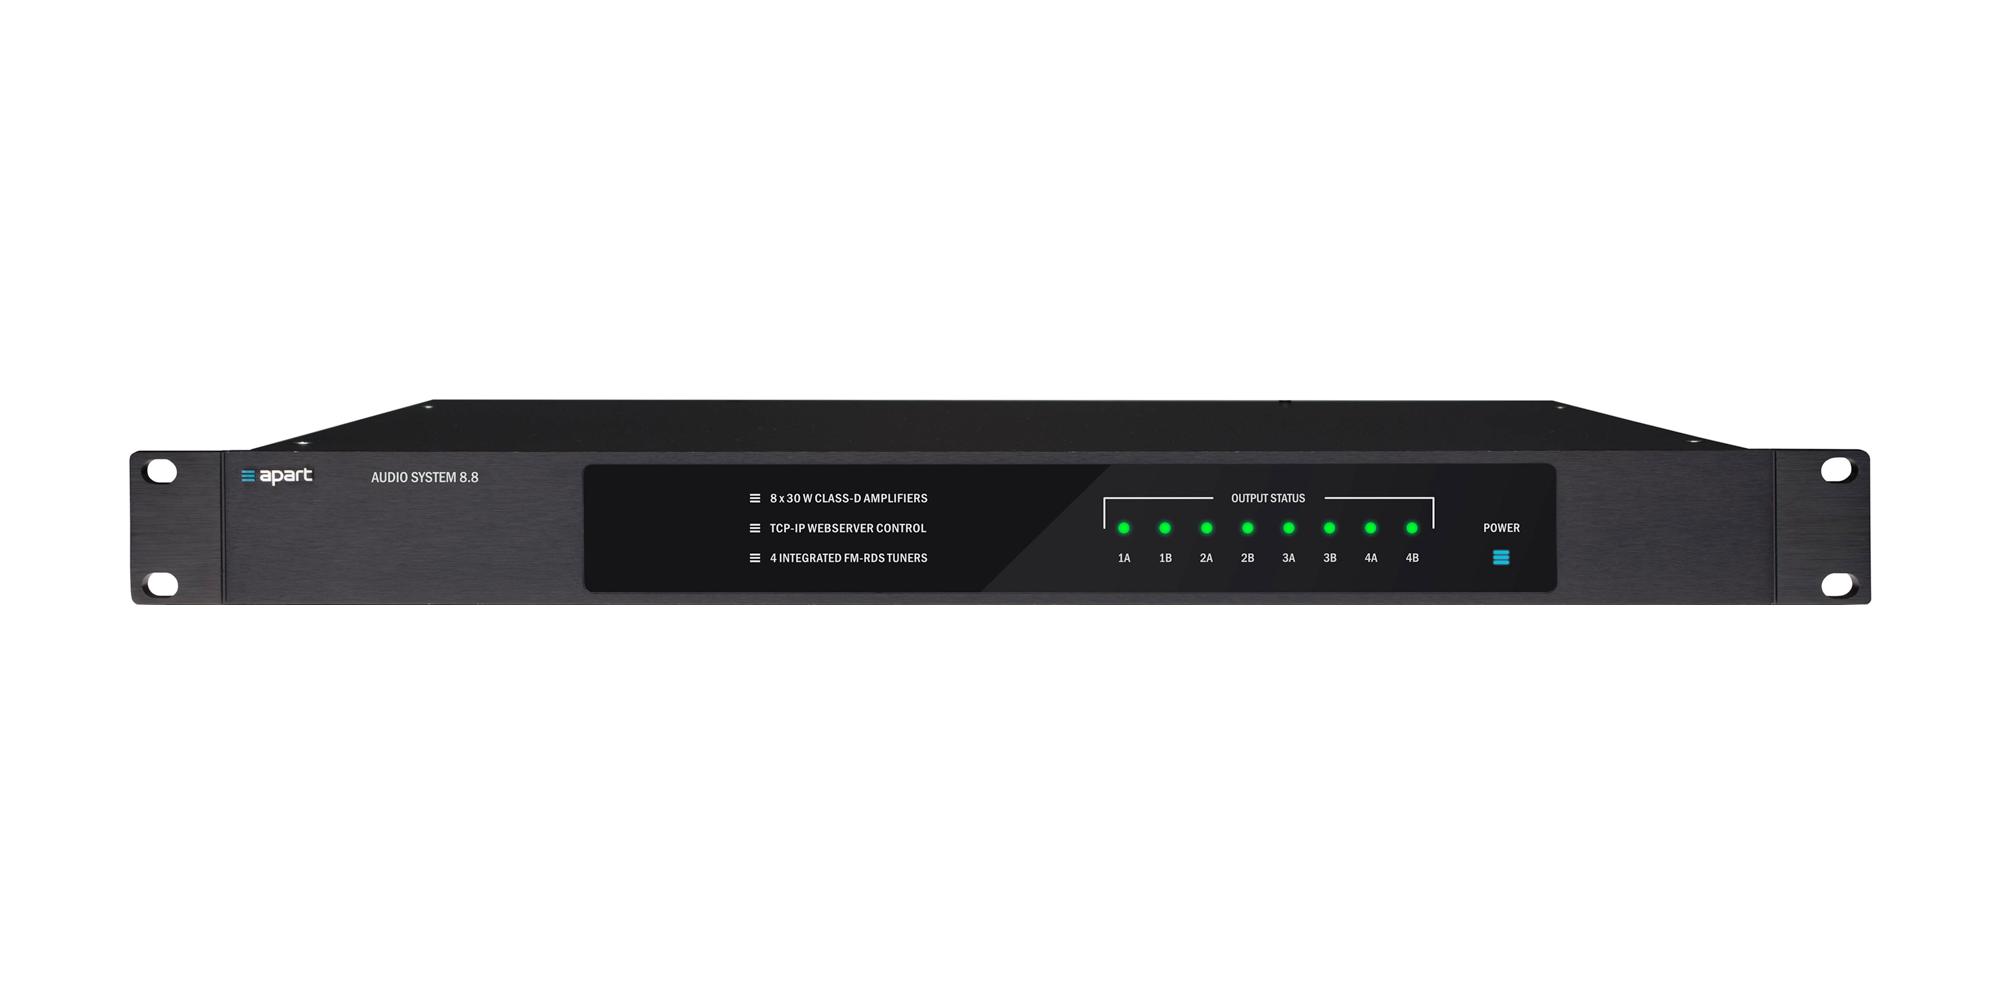 AUDIOSYSTEM8.8 audio matrix 4 FM tuners